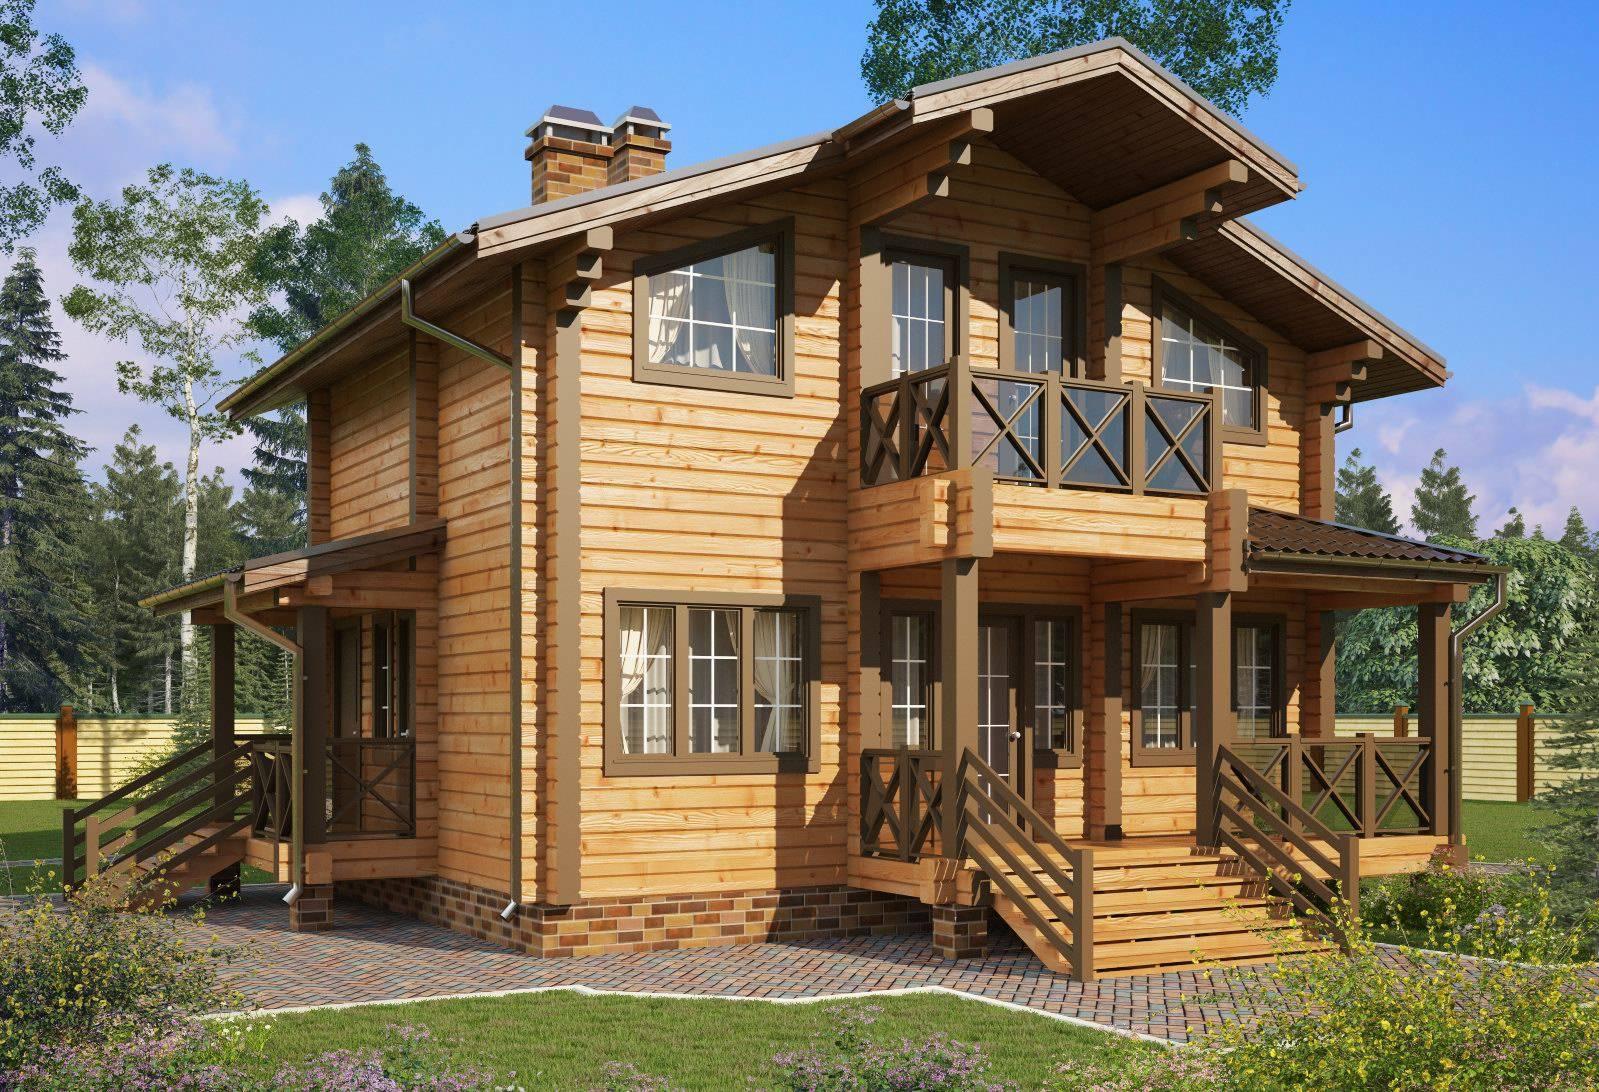 Дома из клееного бруса: плюсы и минусы по отзывам владельцев - строительство и отделка - полезные советы от специалистов